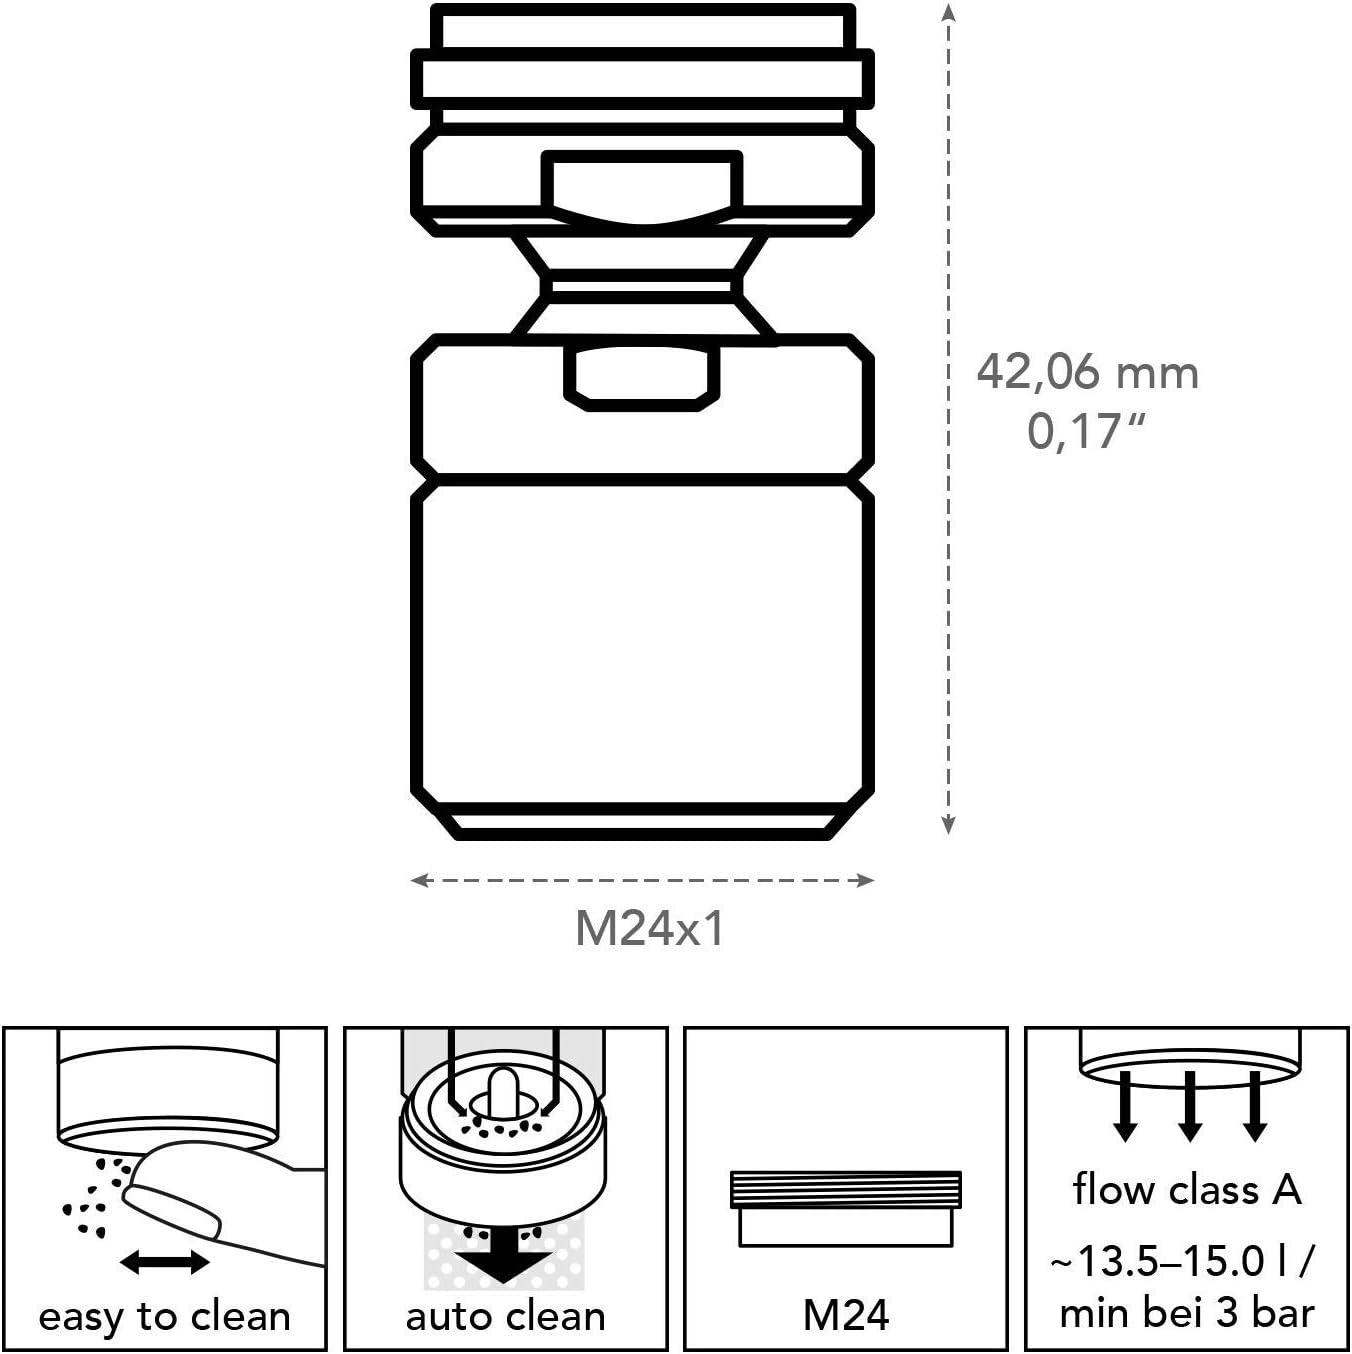 Energieklasse A Neoperl 01882097 Kugelgelenk Cascade SLC M24x1 Strahlregler verchromt,